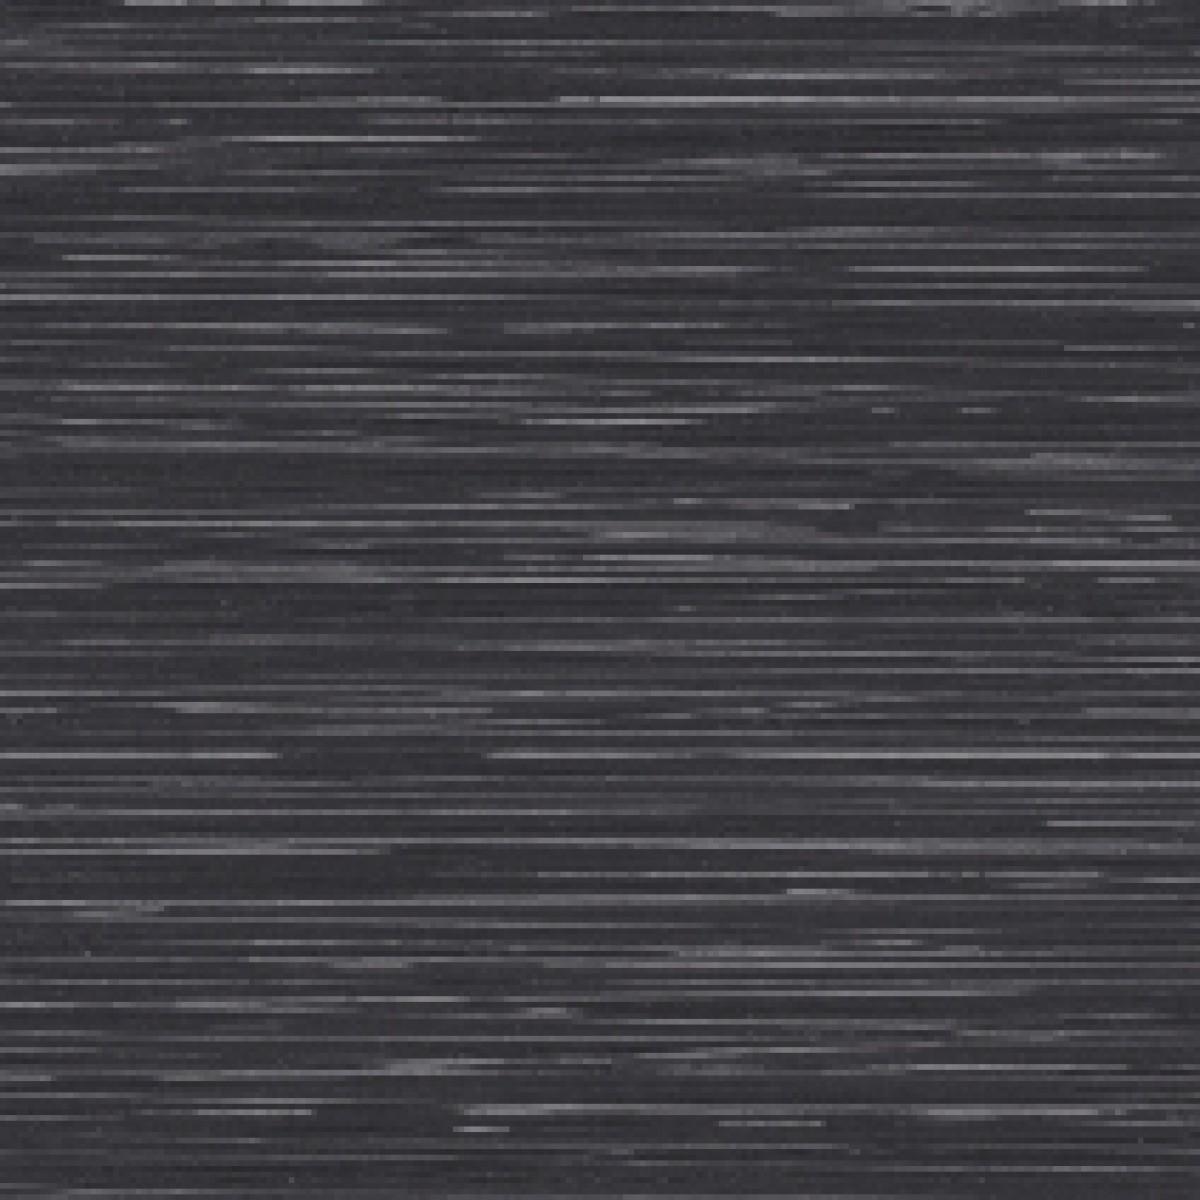 7215_dark_contour_1